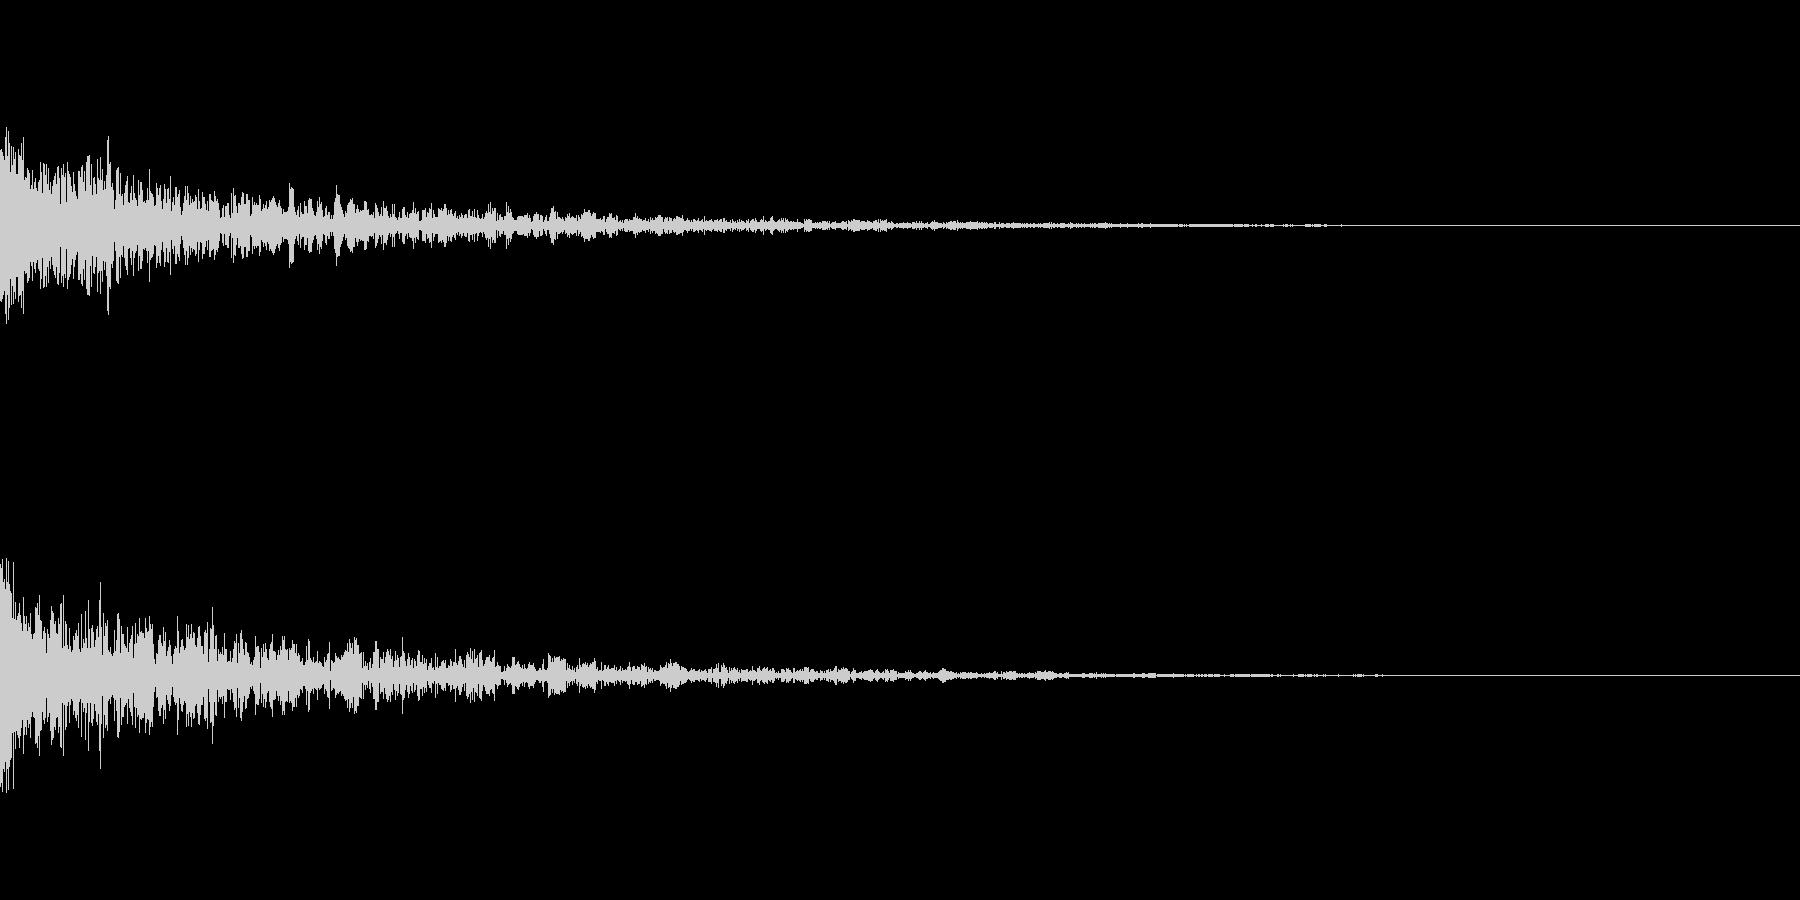 ドーン-32-1(インパクト音)の未再生の波形